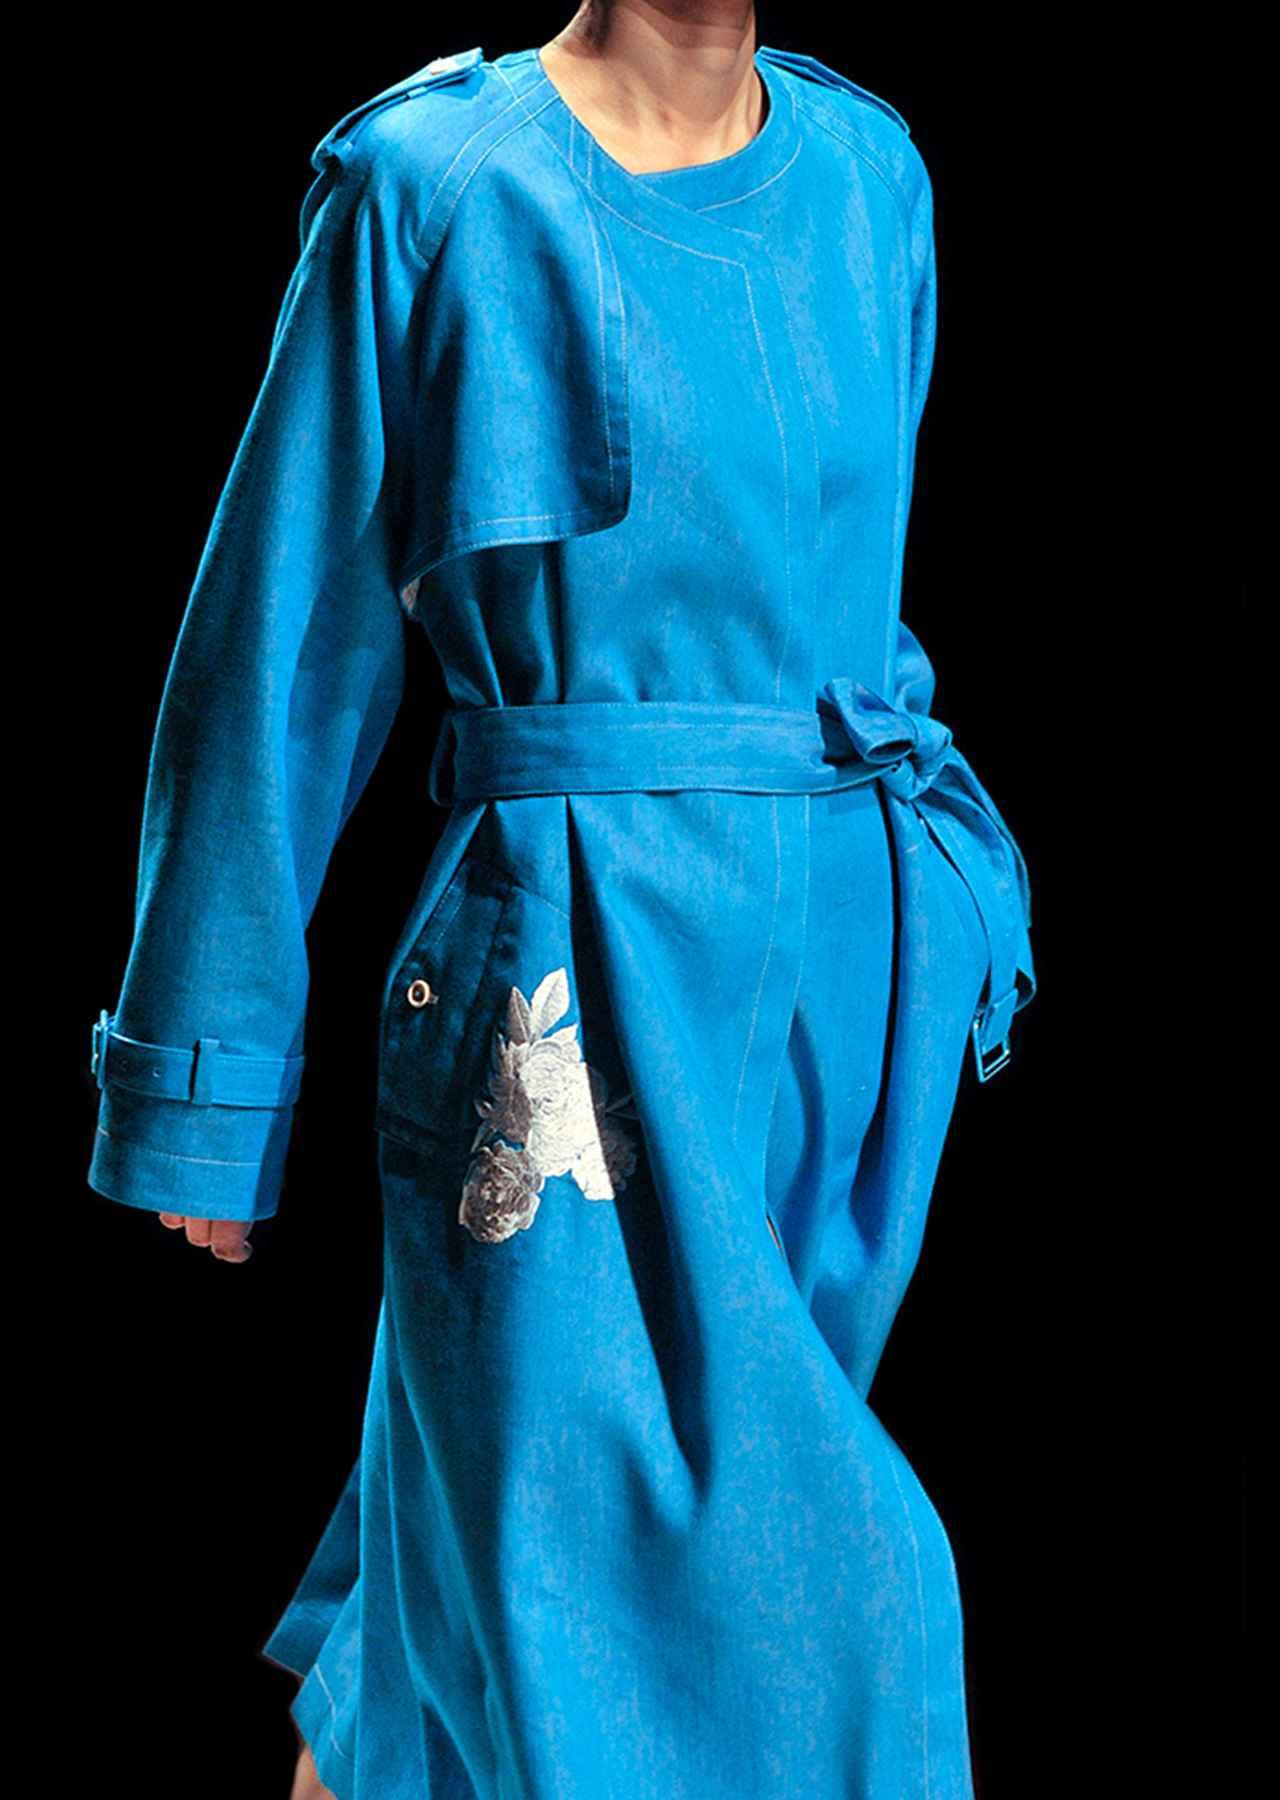 Images : 12番目の画像 - 「いい服に、ありがとう。 「サポートサーフェス」の服が 着心地よく美しい理由」のアルバム - T JAPAN:The New York Times Style Magazine 公式サイト